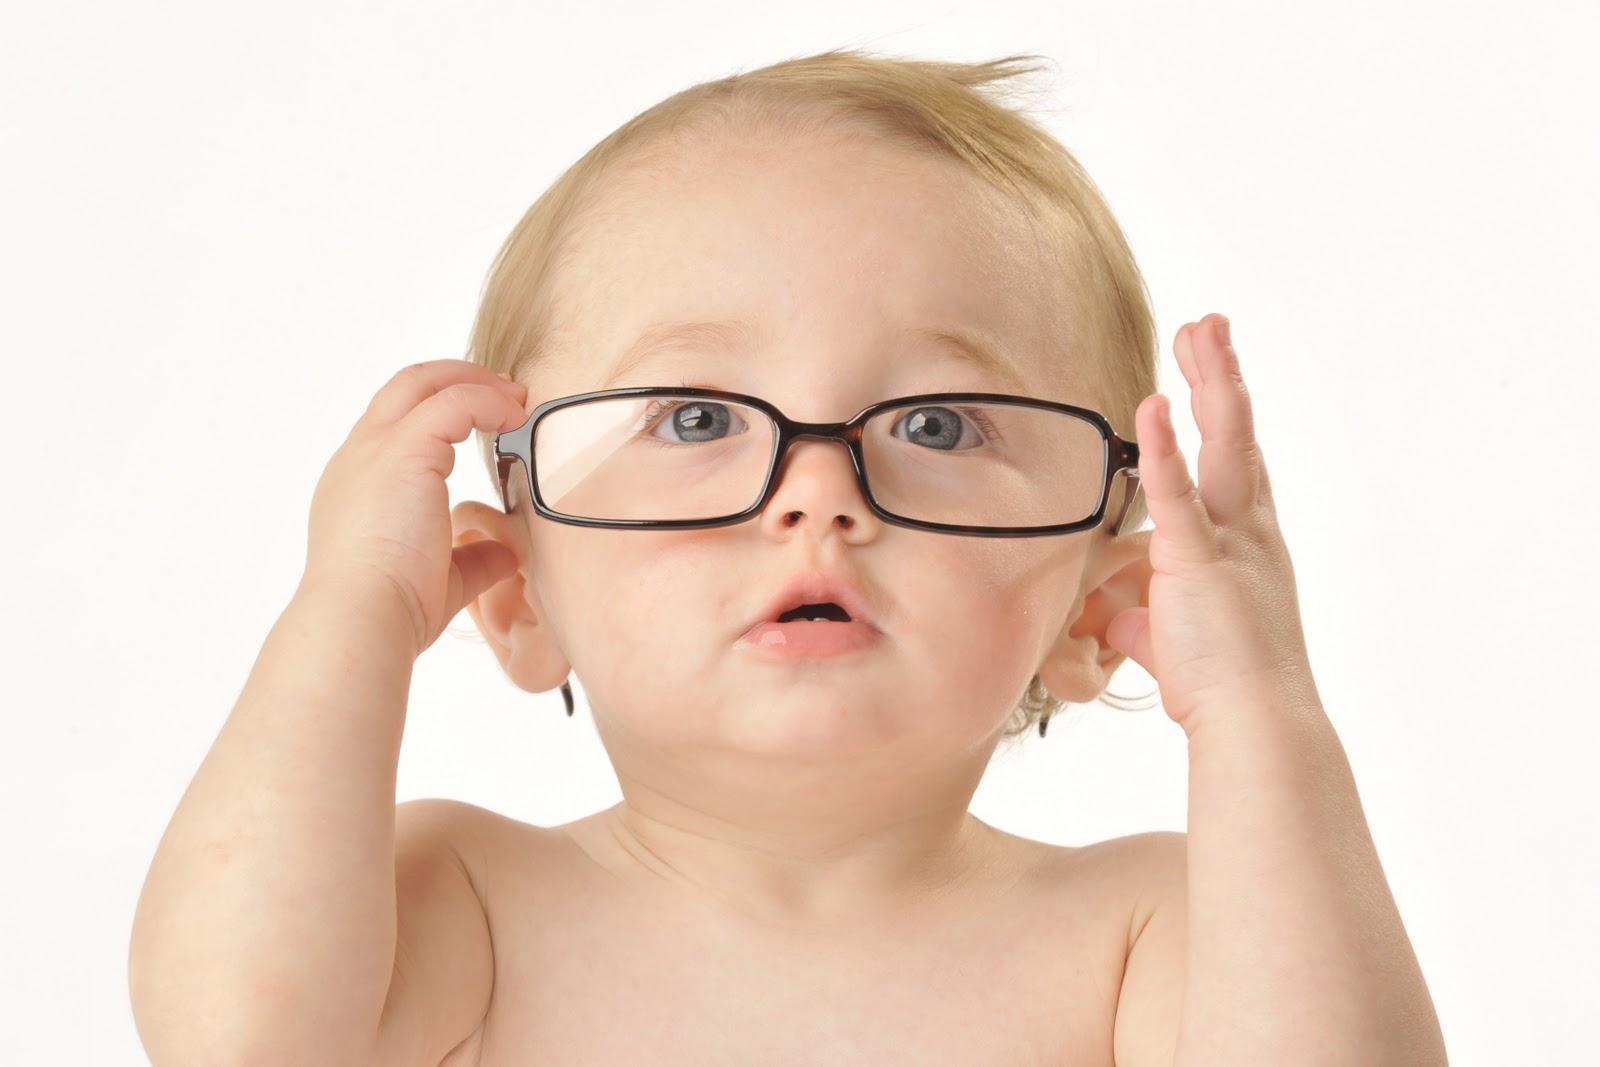 acuitatea vizuală se numește refacerea vederii pentru persoanele în vârstă